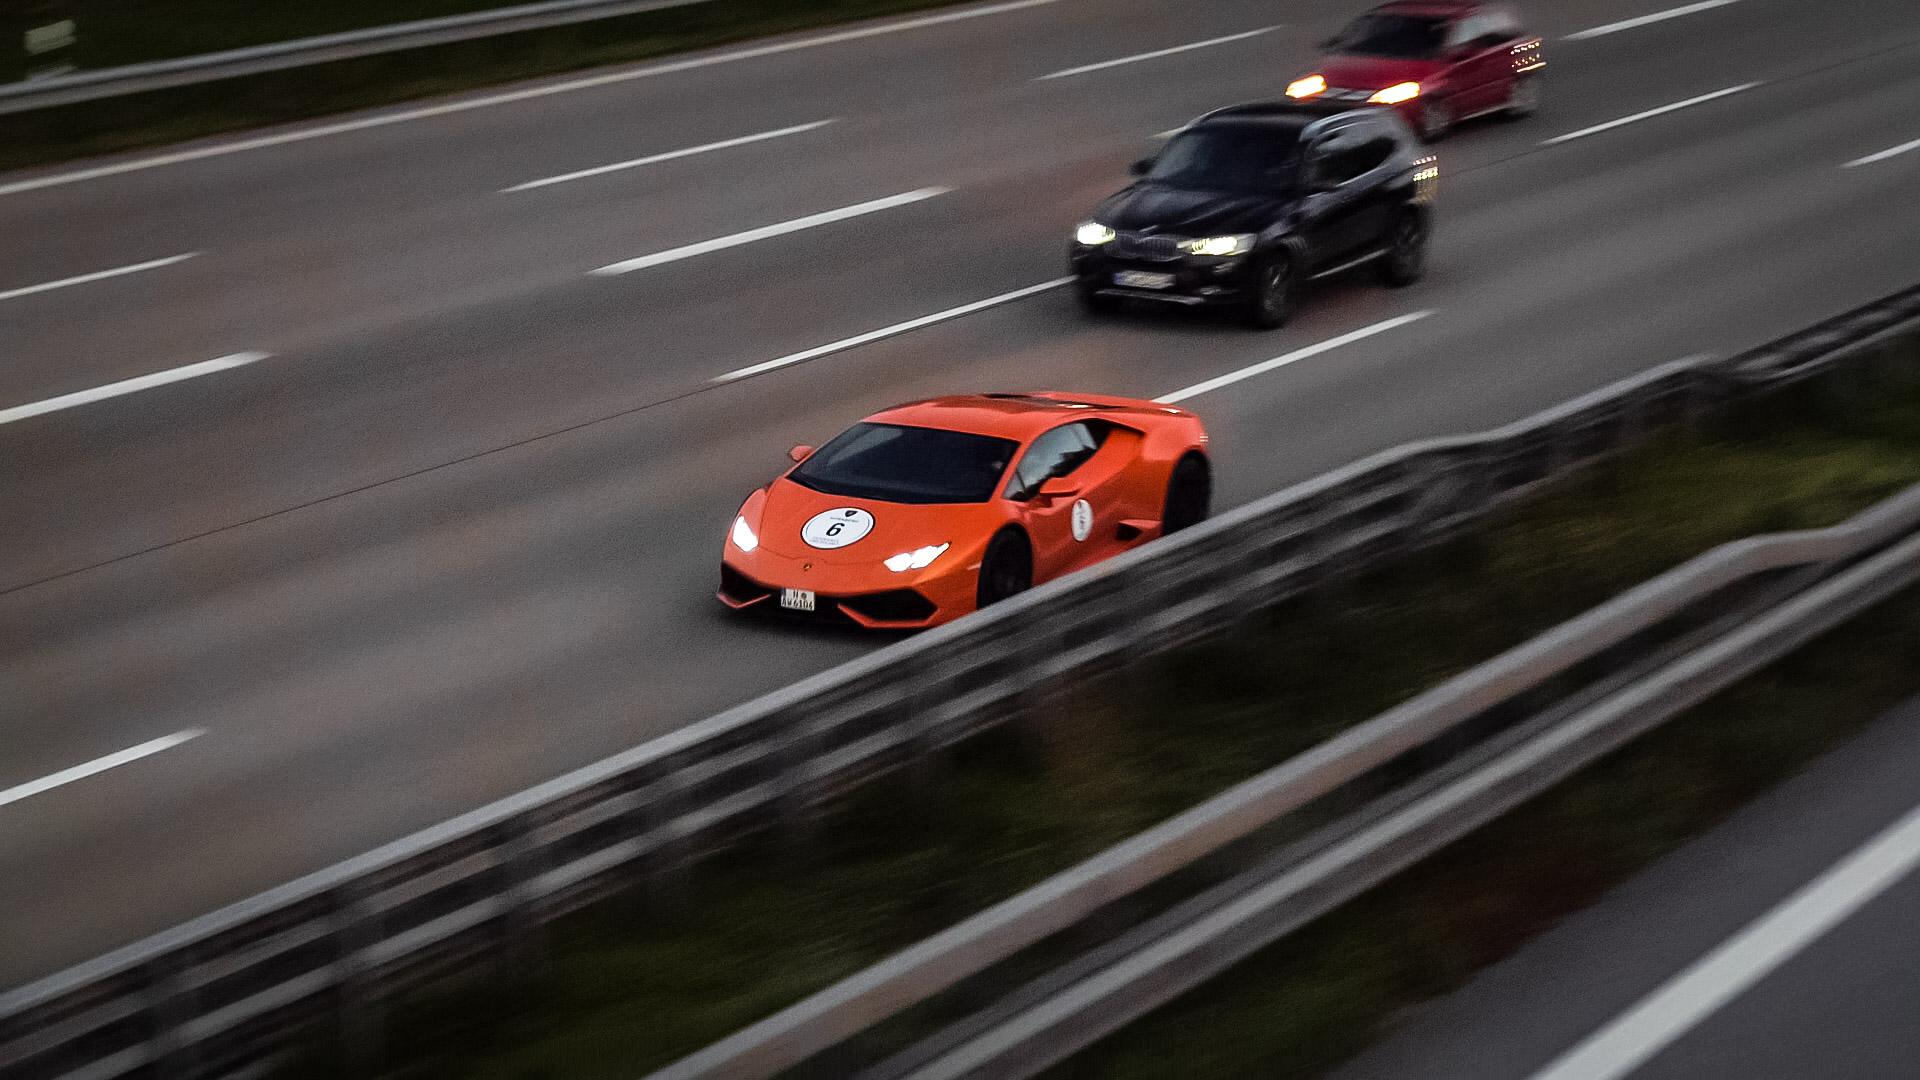 Lamborghini Huracan - N-AW-6104